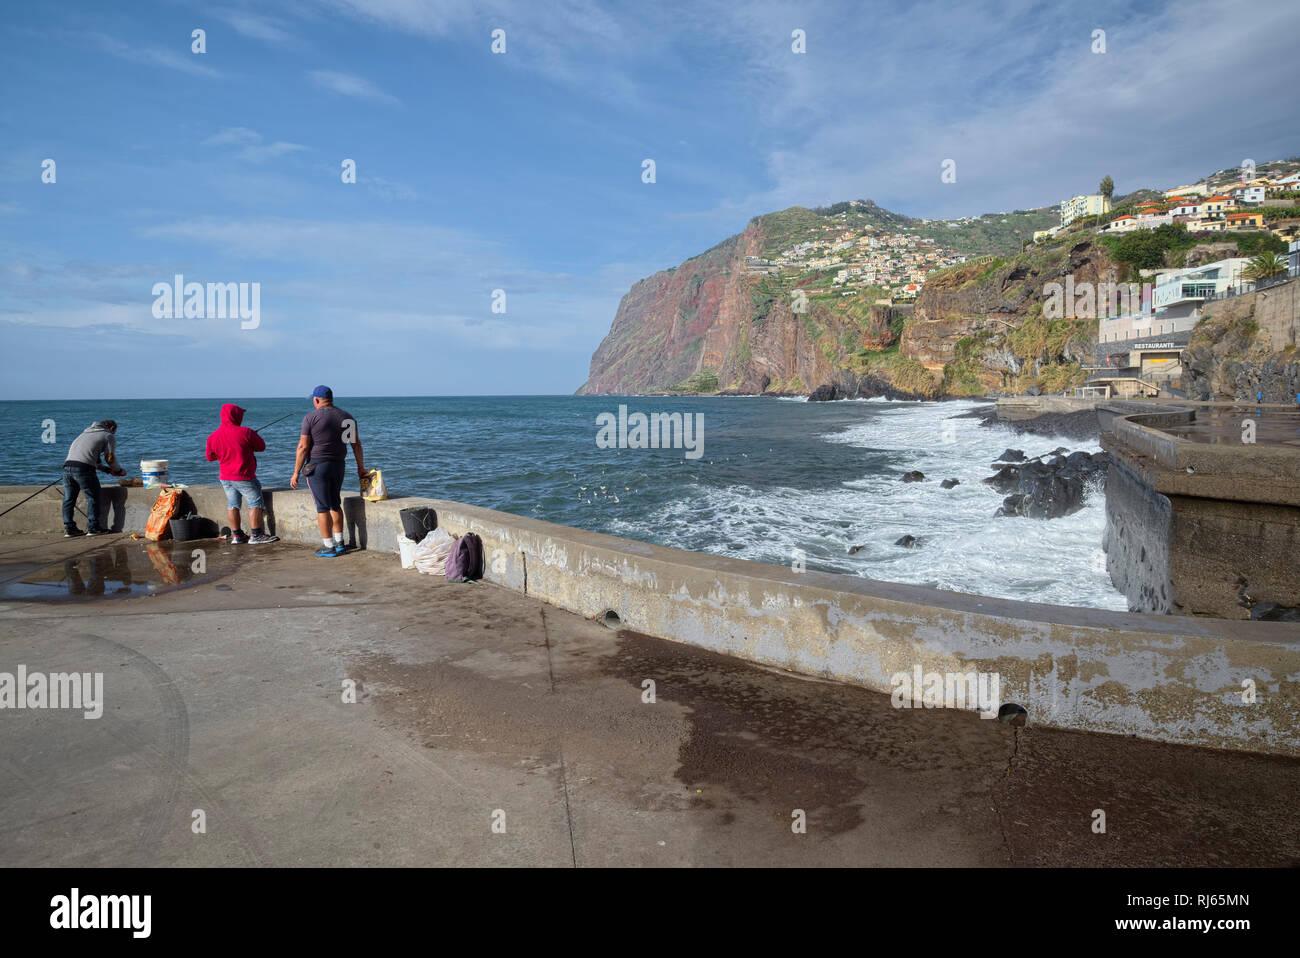 Portugal, Madeira, Camara de Lobos, Ufer, Fischer, Steilküste, Meer, Gischt - Stock Image